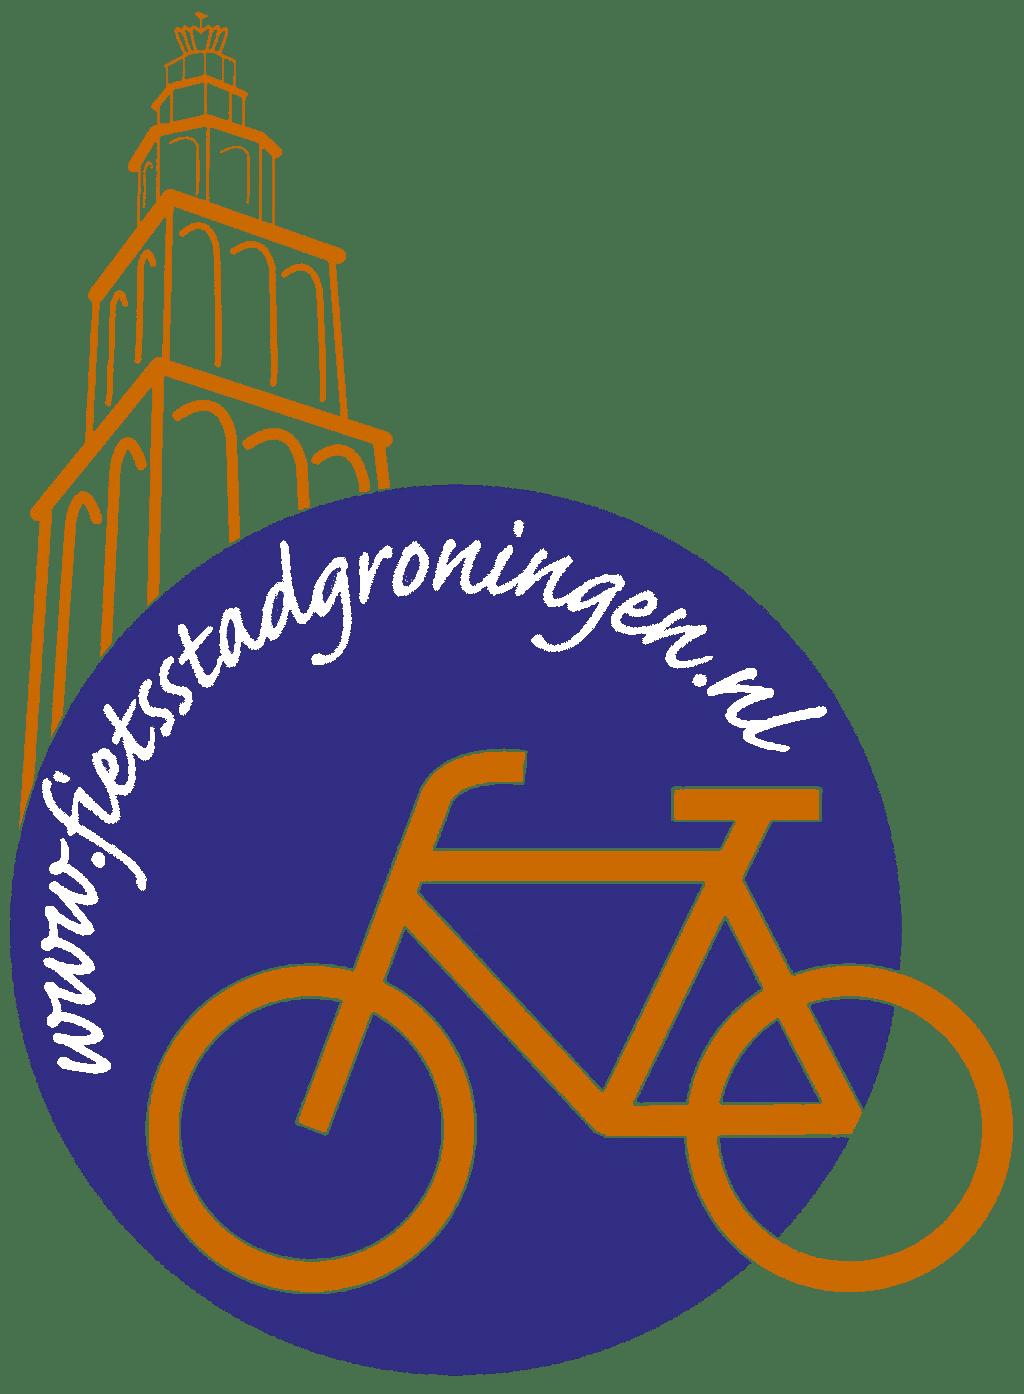 Boek een Fietstour in Groningen! | Fietsstad Groningen